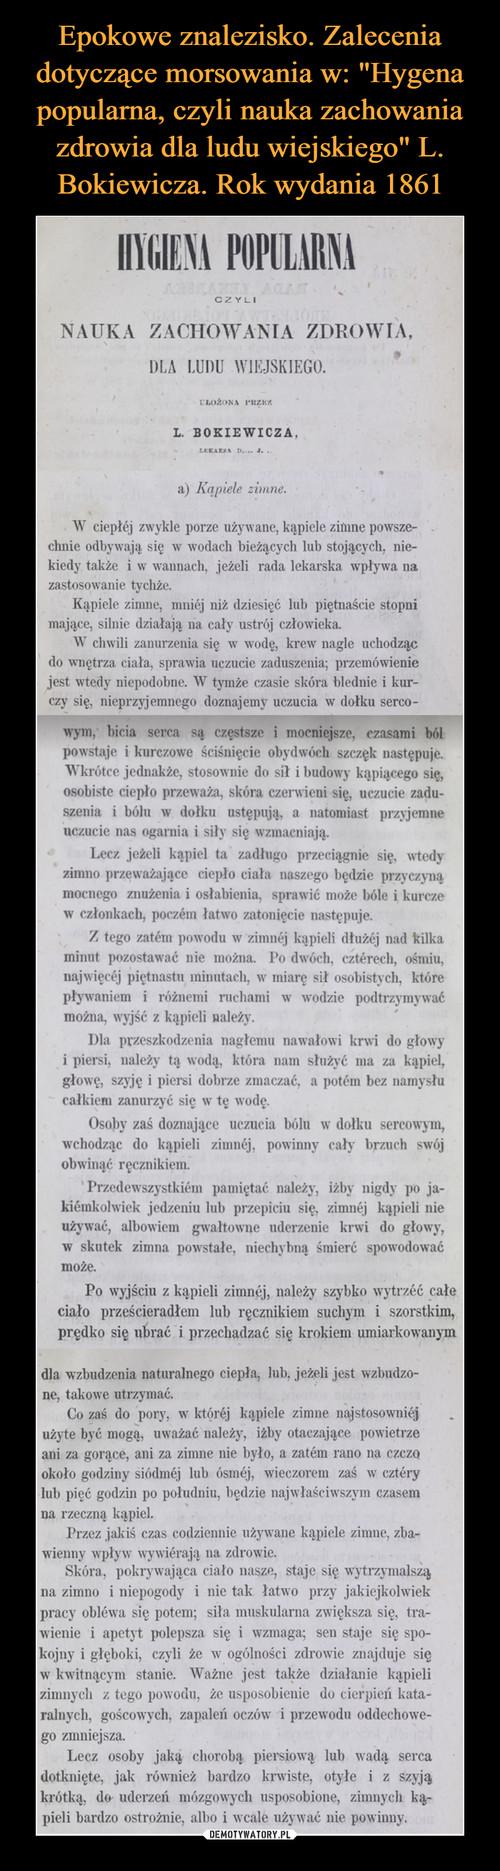 """Epokowe znalezisko. Zalecenia dotyczące morsowania w: """"Hygena popularna, czyli nauka zachowania zdrowia dla ludu wiejskiego"""" L. Bokiewicza. Rok wydania 1861"""